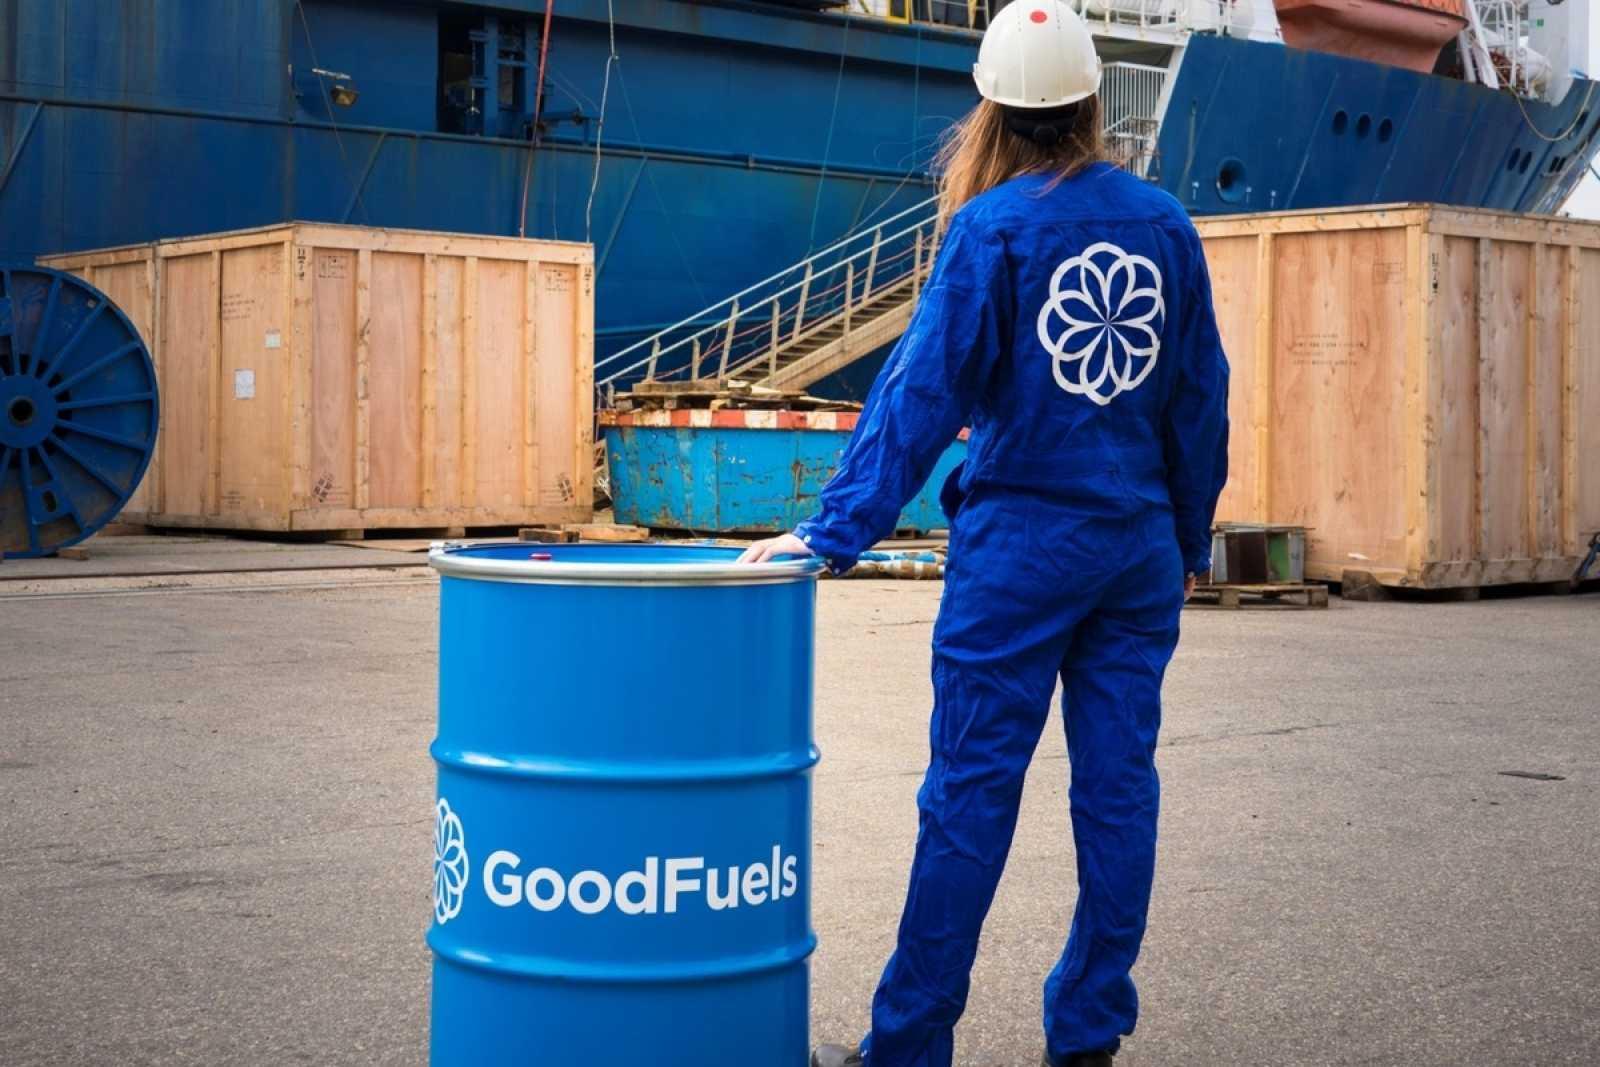 Od fuels